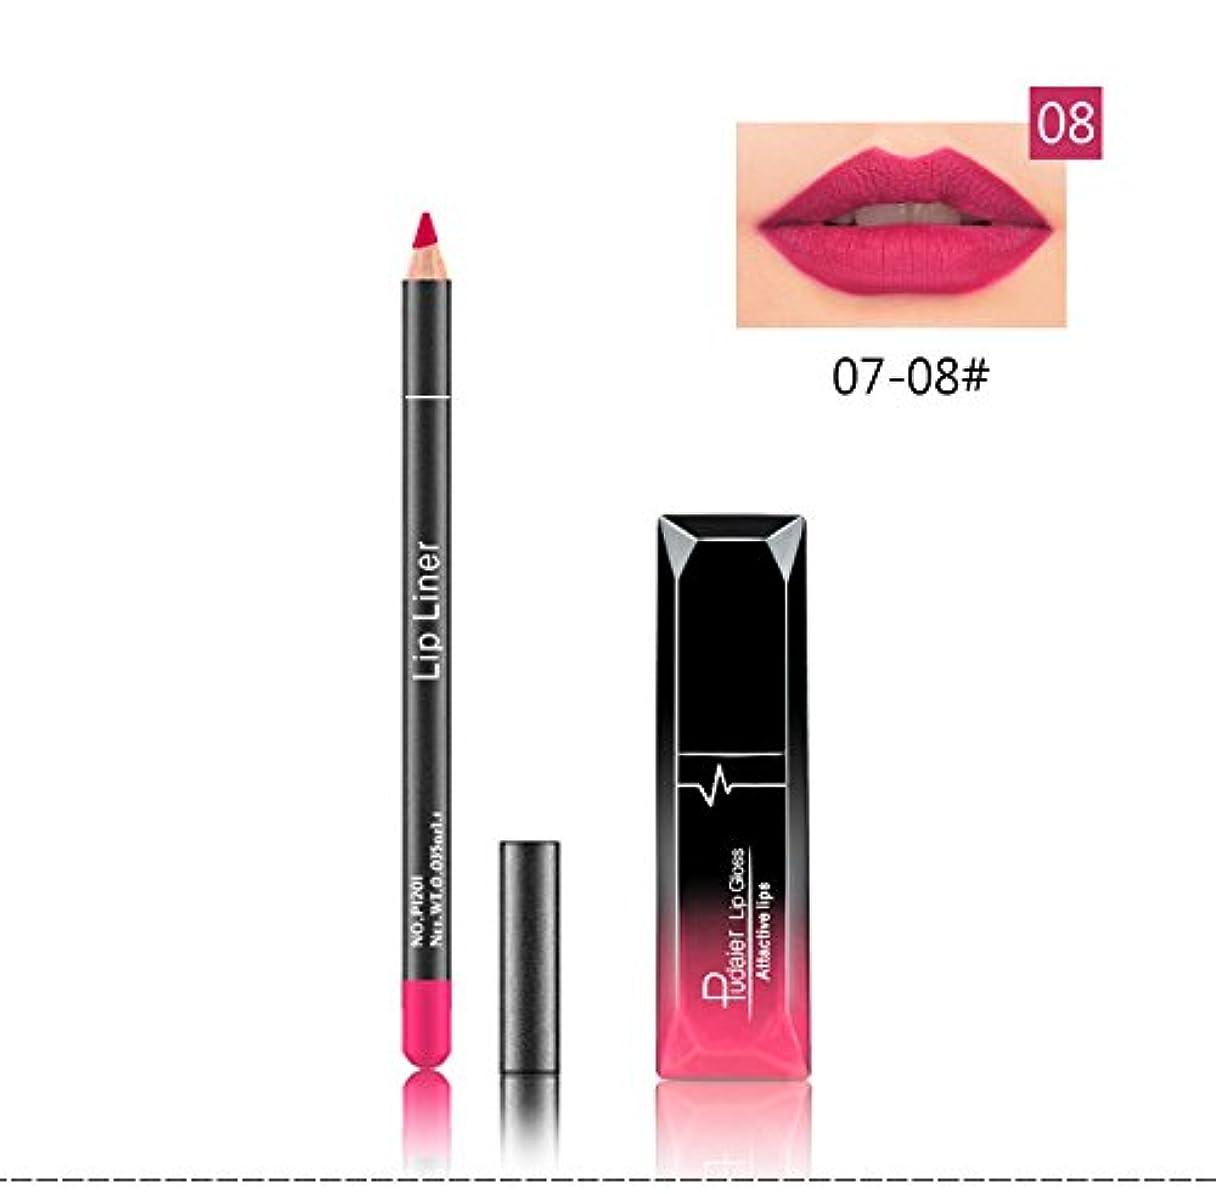 バンク雇用者受け継ぐ(08) Pudaier 1pc Matte Liquid Lipstick Cosmetic Lip Kit+ 1 Pc Nude Lip Liner Pencil MakeUp Set Waterproof Long...